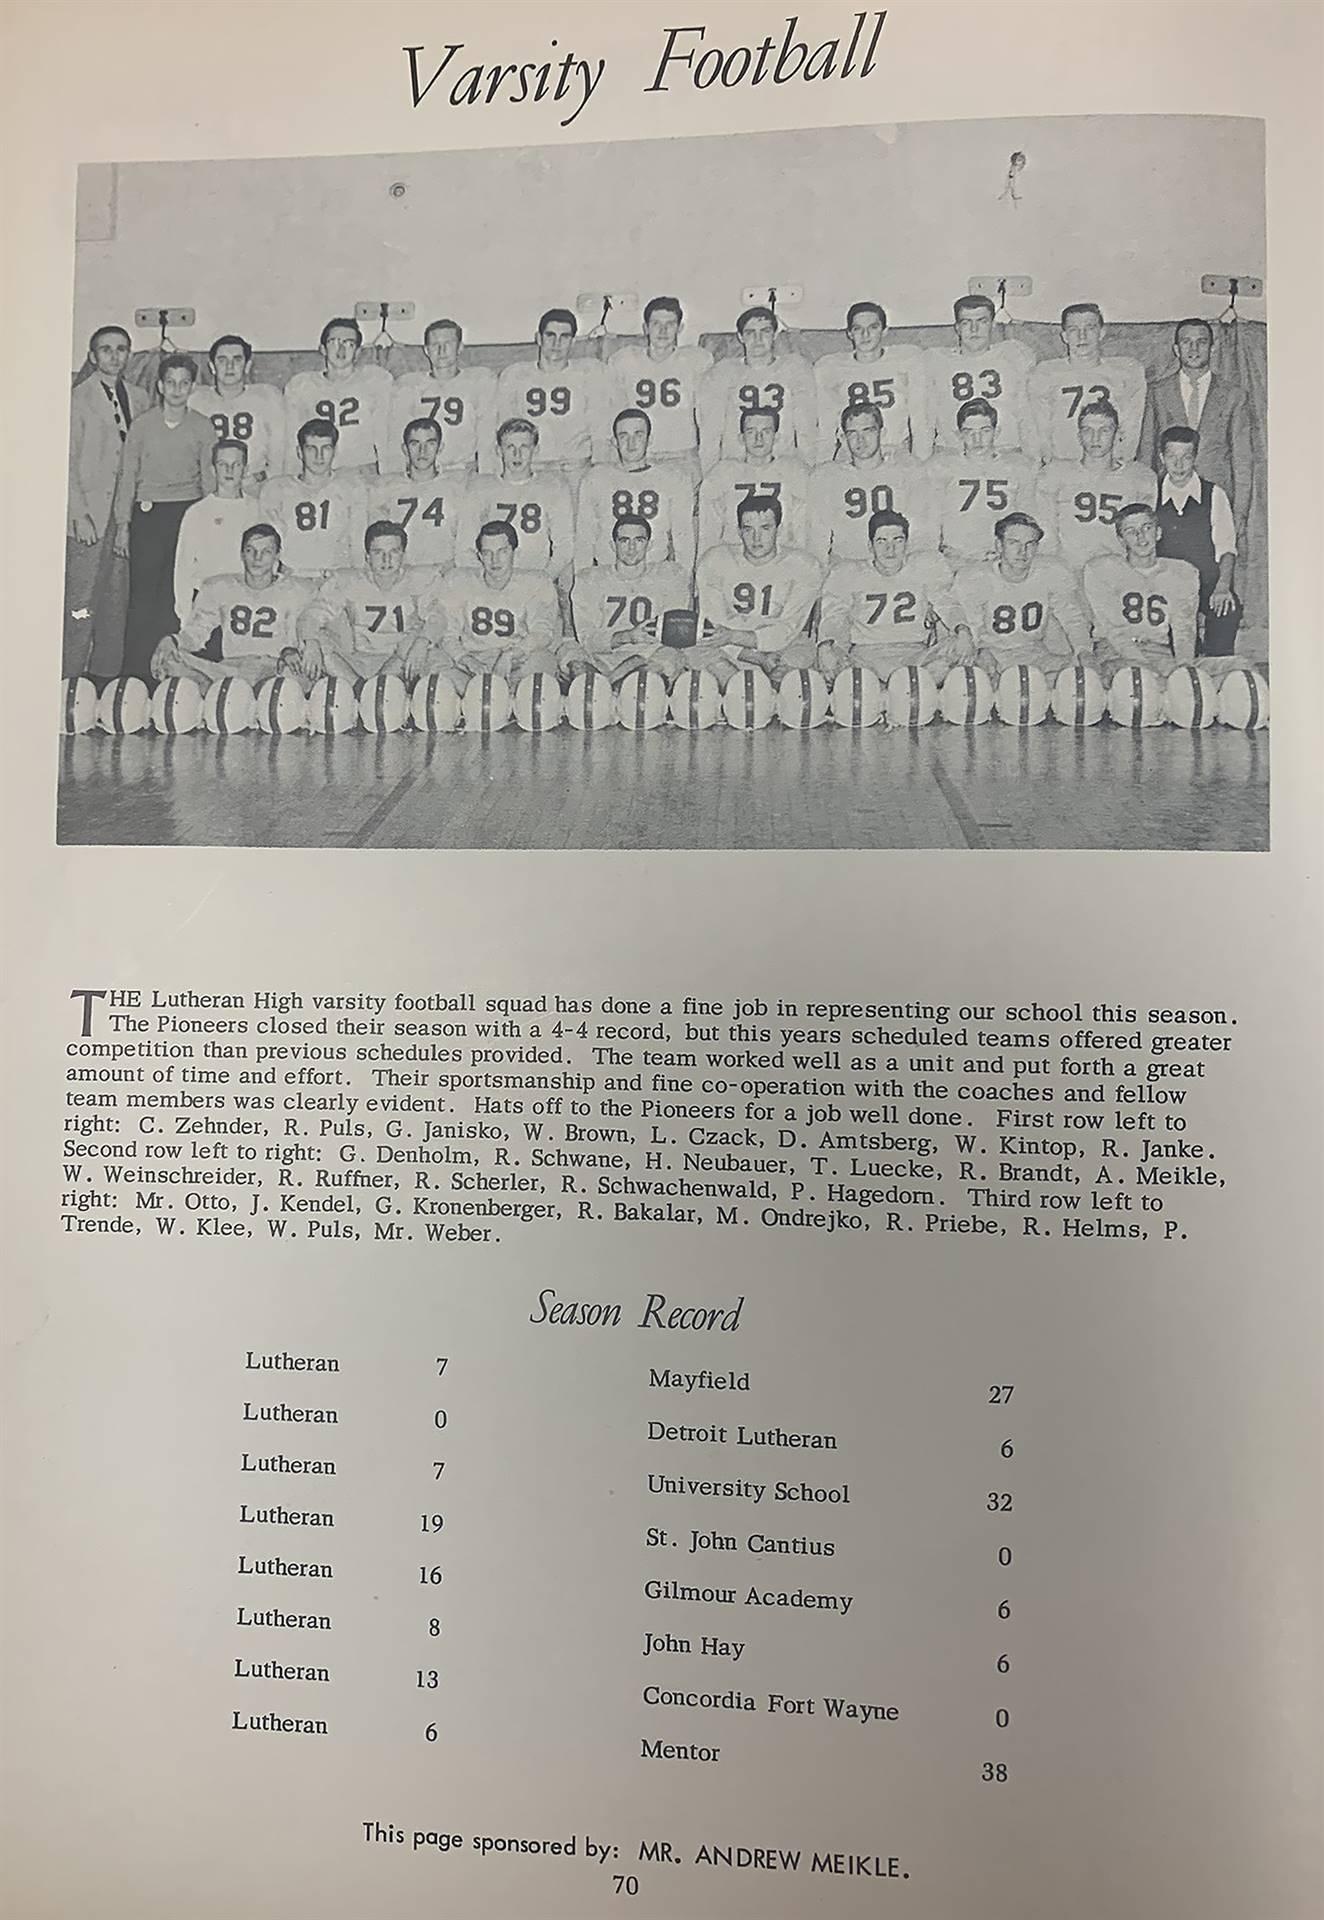 Varsity-football